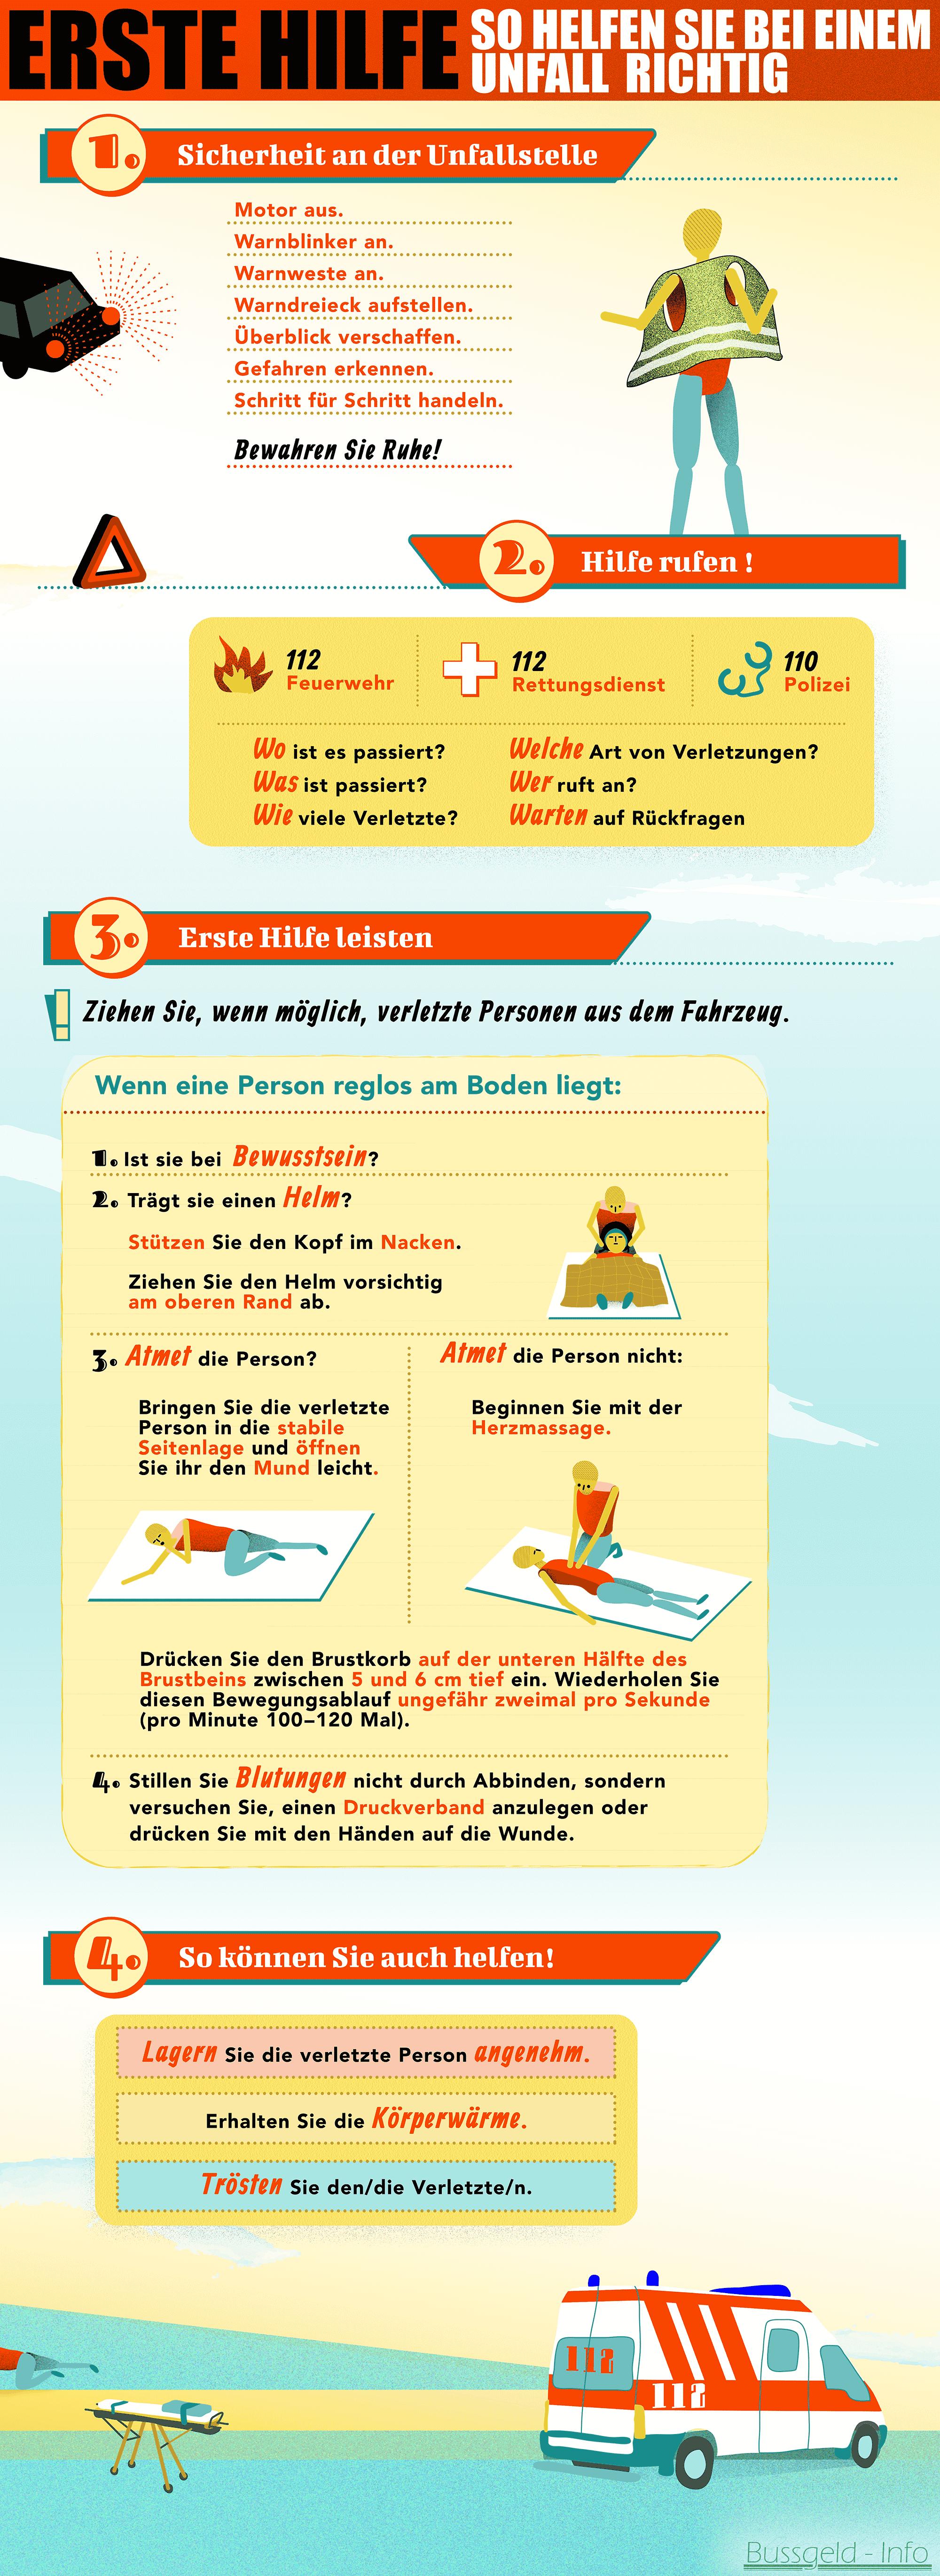 Infografik für die erste Hilfe Massnahmen